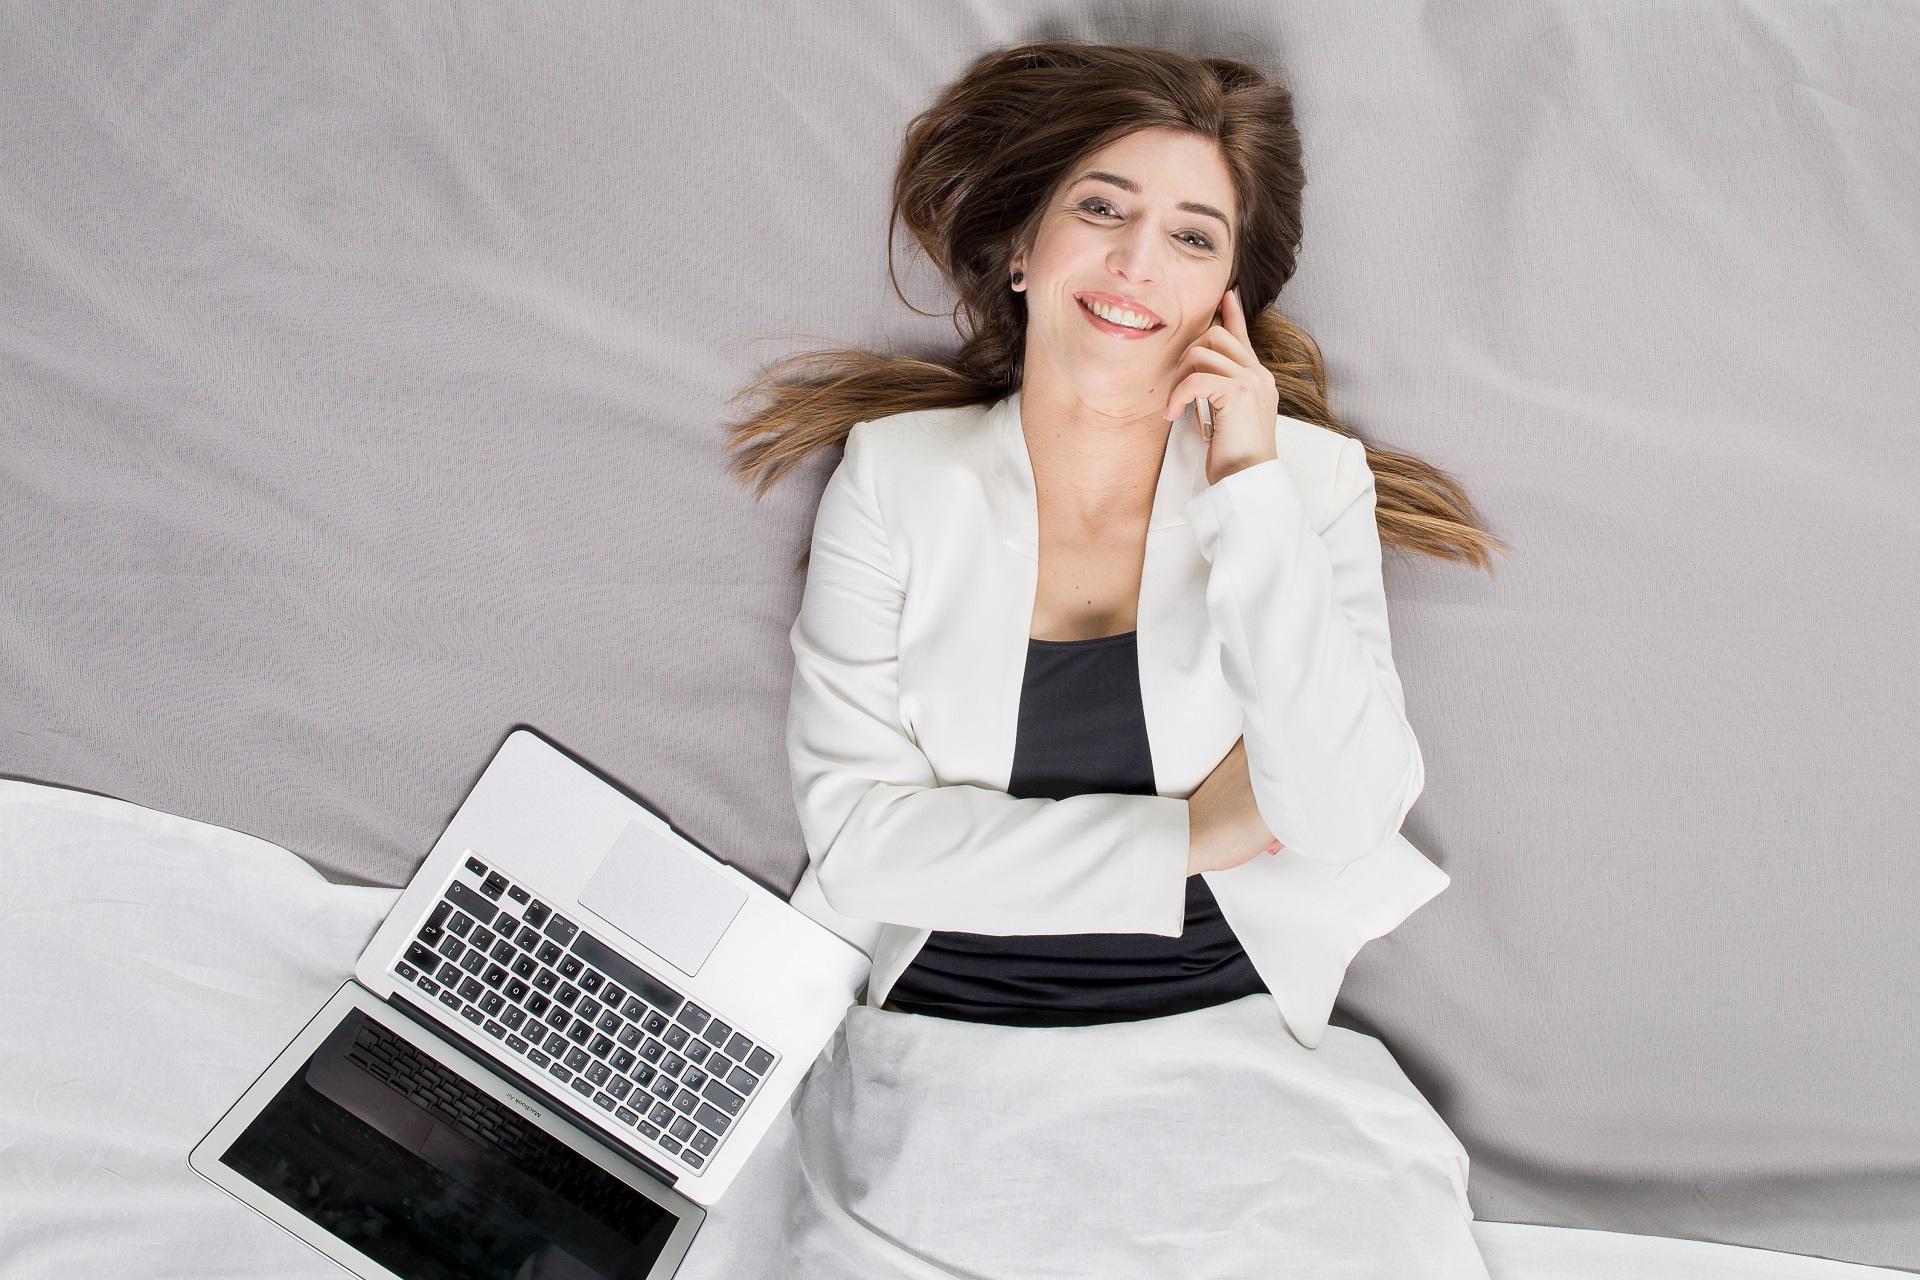 kobieta korzystająca z narzędzia do pracy zdalnej - komputer i smartfon